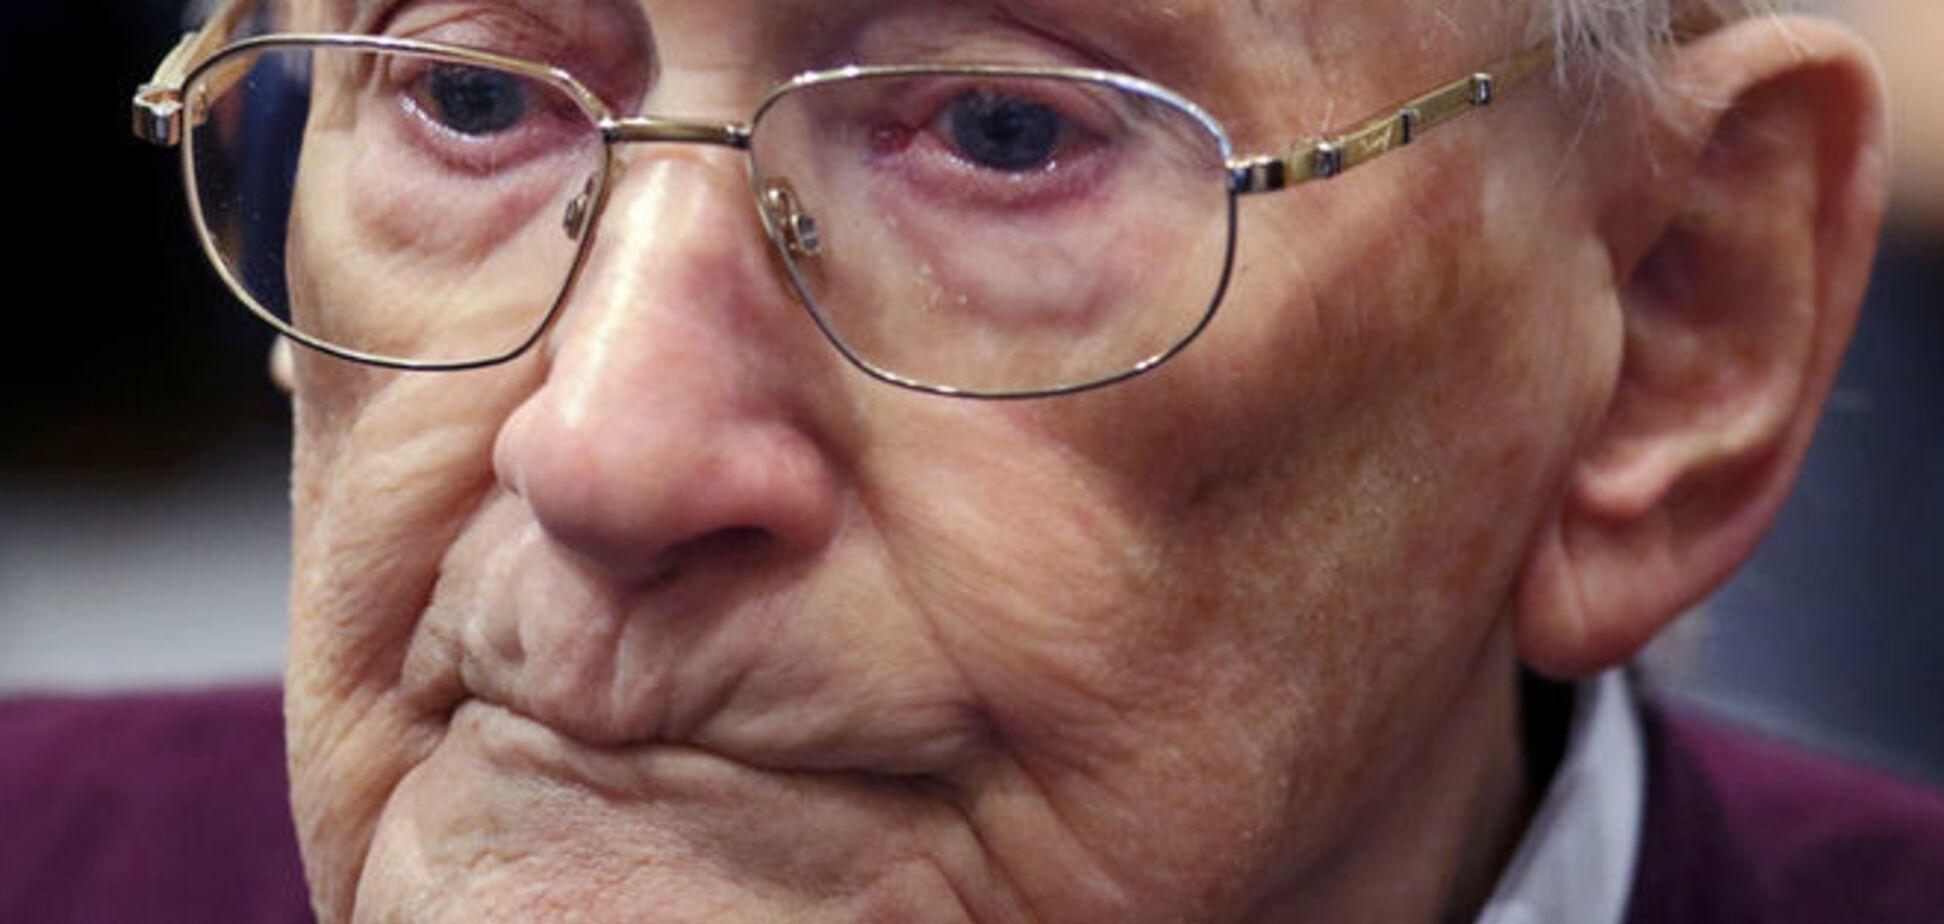 'Бухгалтер Освенцима' засуджений до 4 років в'язниці. Фоторепортаж із зали суду